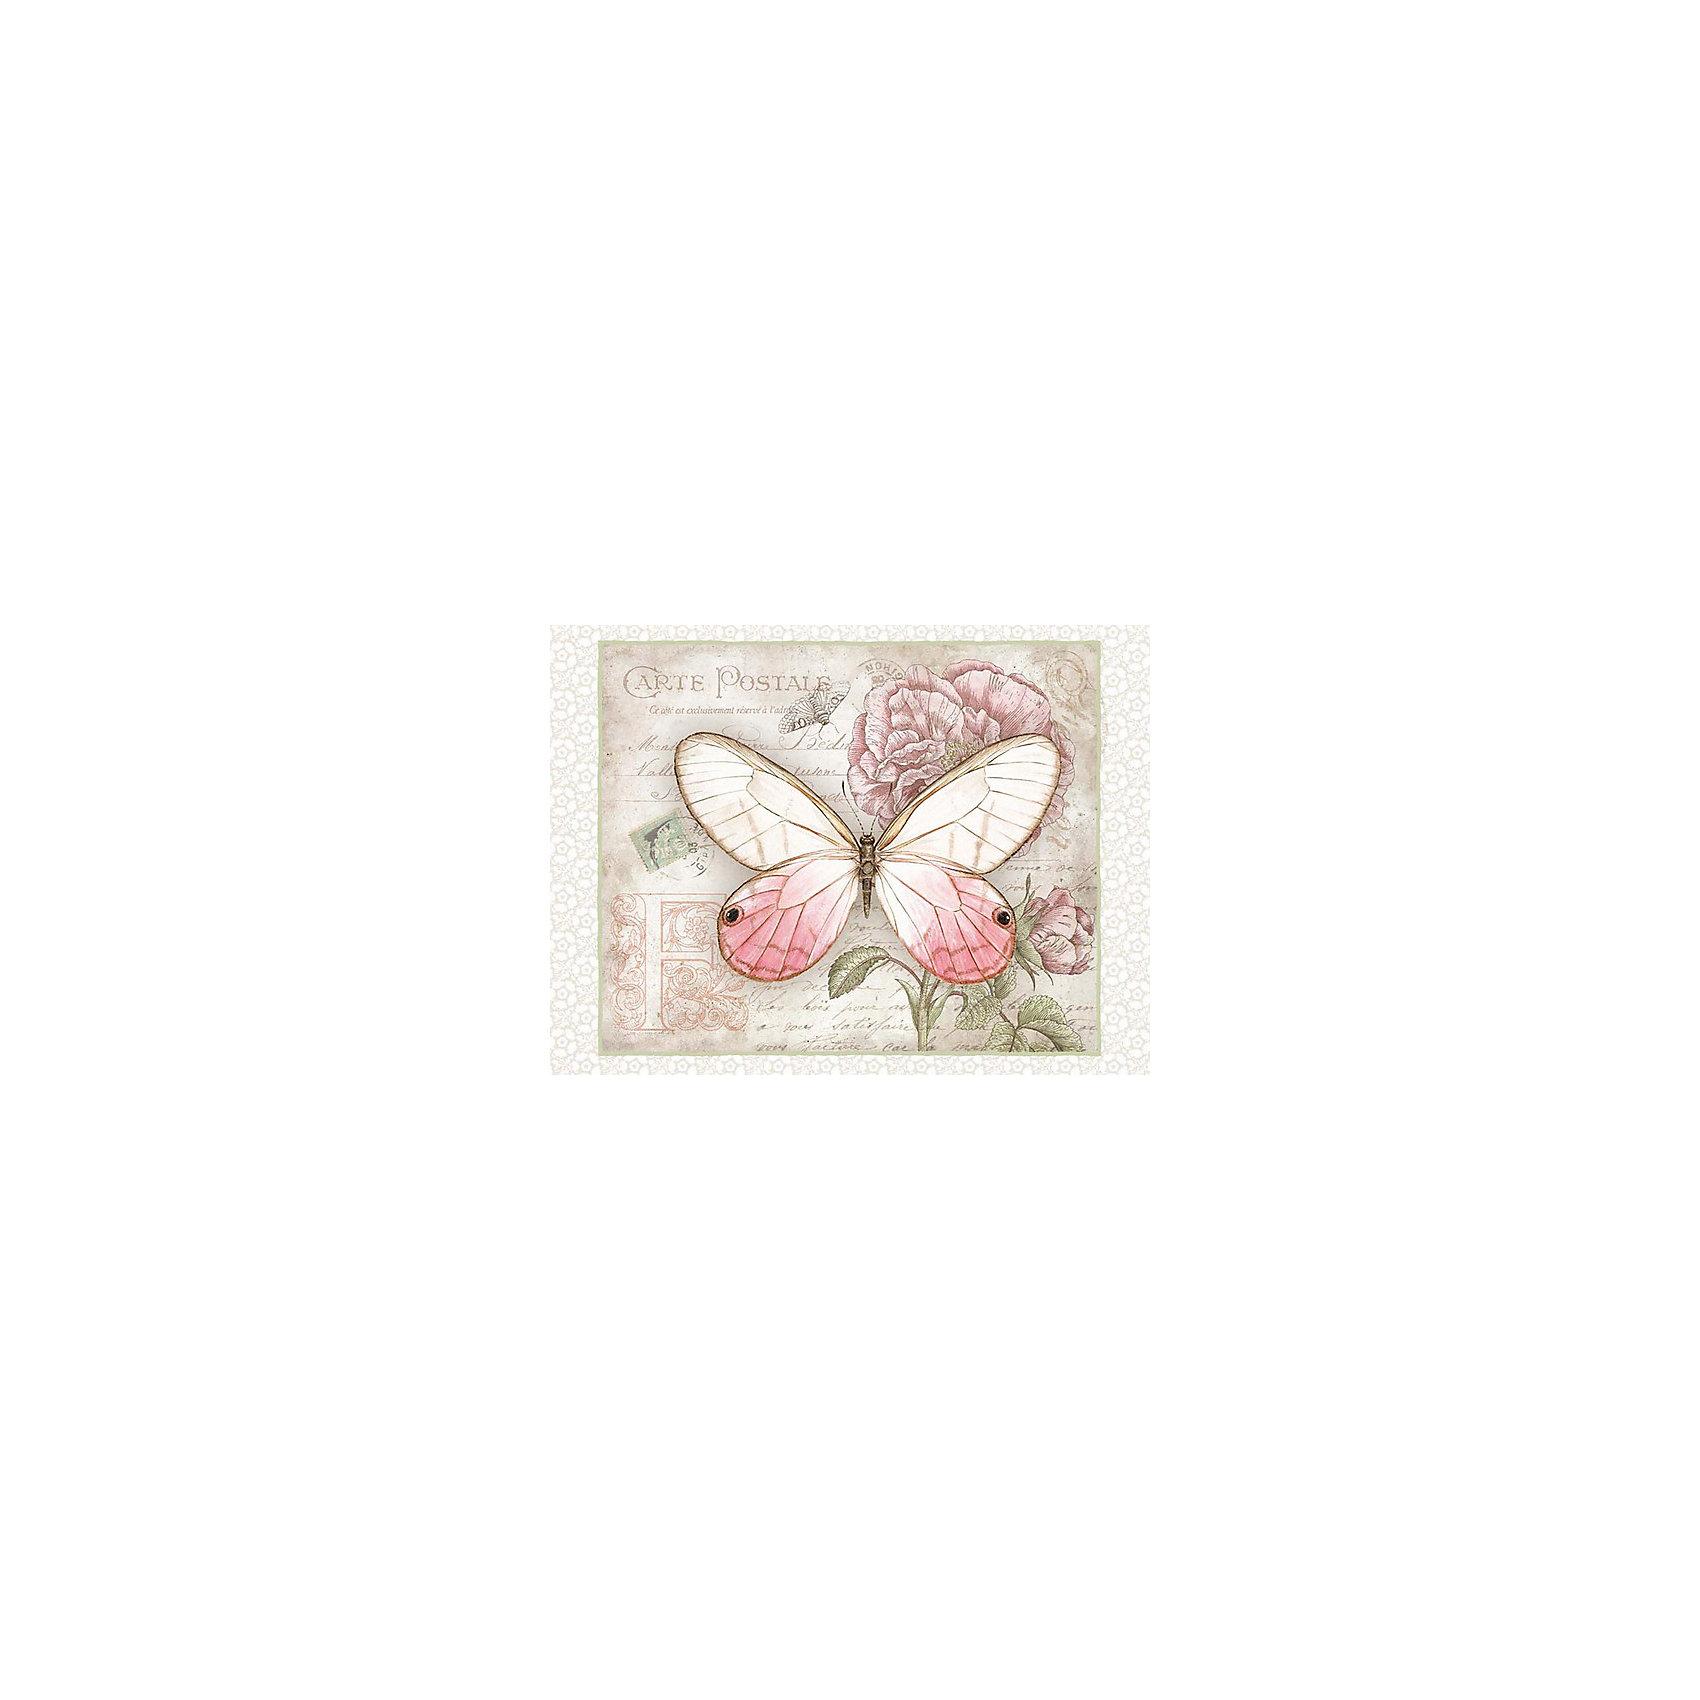 Картина - репродукция Розовая бабочка, Феникс-ПрезентКартина - репродукция Розовая бабочка, Феникс-Презент <br><br>Характеристики:<br><br>• печать на бумаге<br>• без рамки<br>• основа из МДФ<br>• размер: 30х40х1 см<br><br>Картина Розовая бабочка поднимет настроение и станет прекрасным украшением для любого интерьера. Основа изготовлена из МДФ. На картине изображена большая бабочка. Краски не выцветают в течение долгого времени. Картина Розовая бабочка долго будет радовать глаз!<br><br>Картину - репродукцию Розовая бабочка, Феникс-Презент можно купить в нашем интернет-магазине.<br><br>Ширина мм: 300<br>Глубина мм: 400<br>Высота мм: 100<br>Вес г: 793<br>Возраст от месяцев: -2147483648<br>Возраст до месяцев: 2147483647<br>Пол: Унисекс<br>Возраст: Детский<br>SKU: 5449537